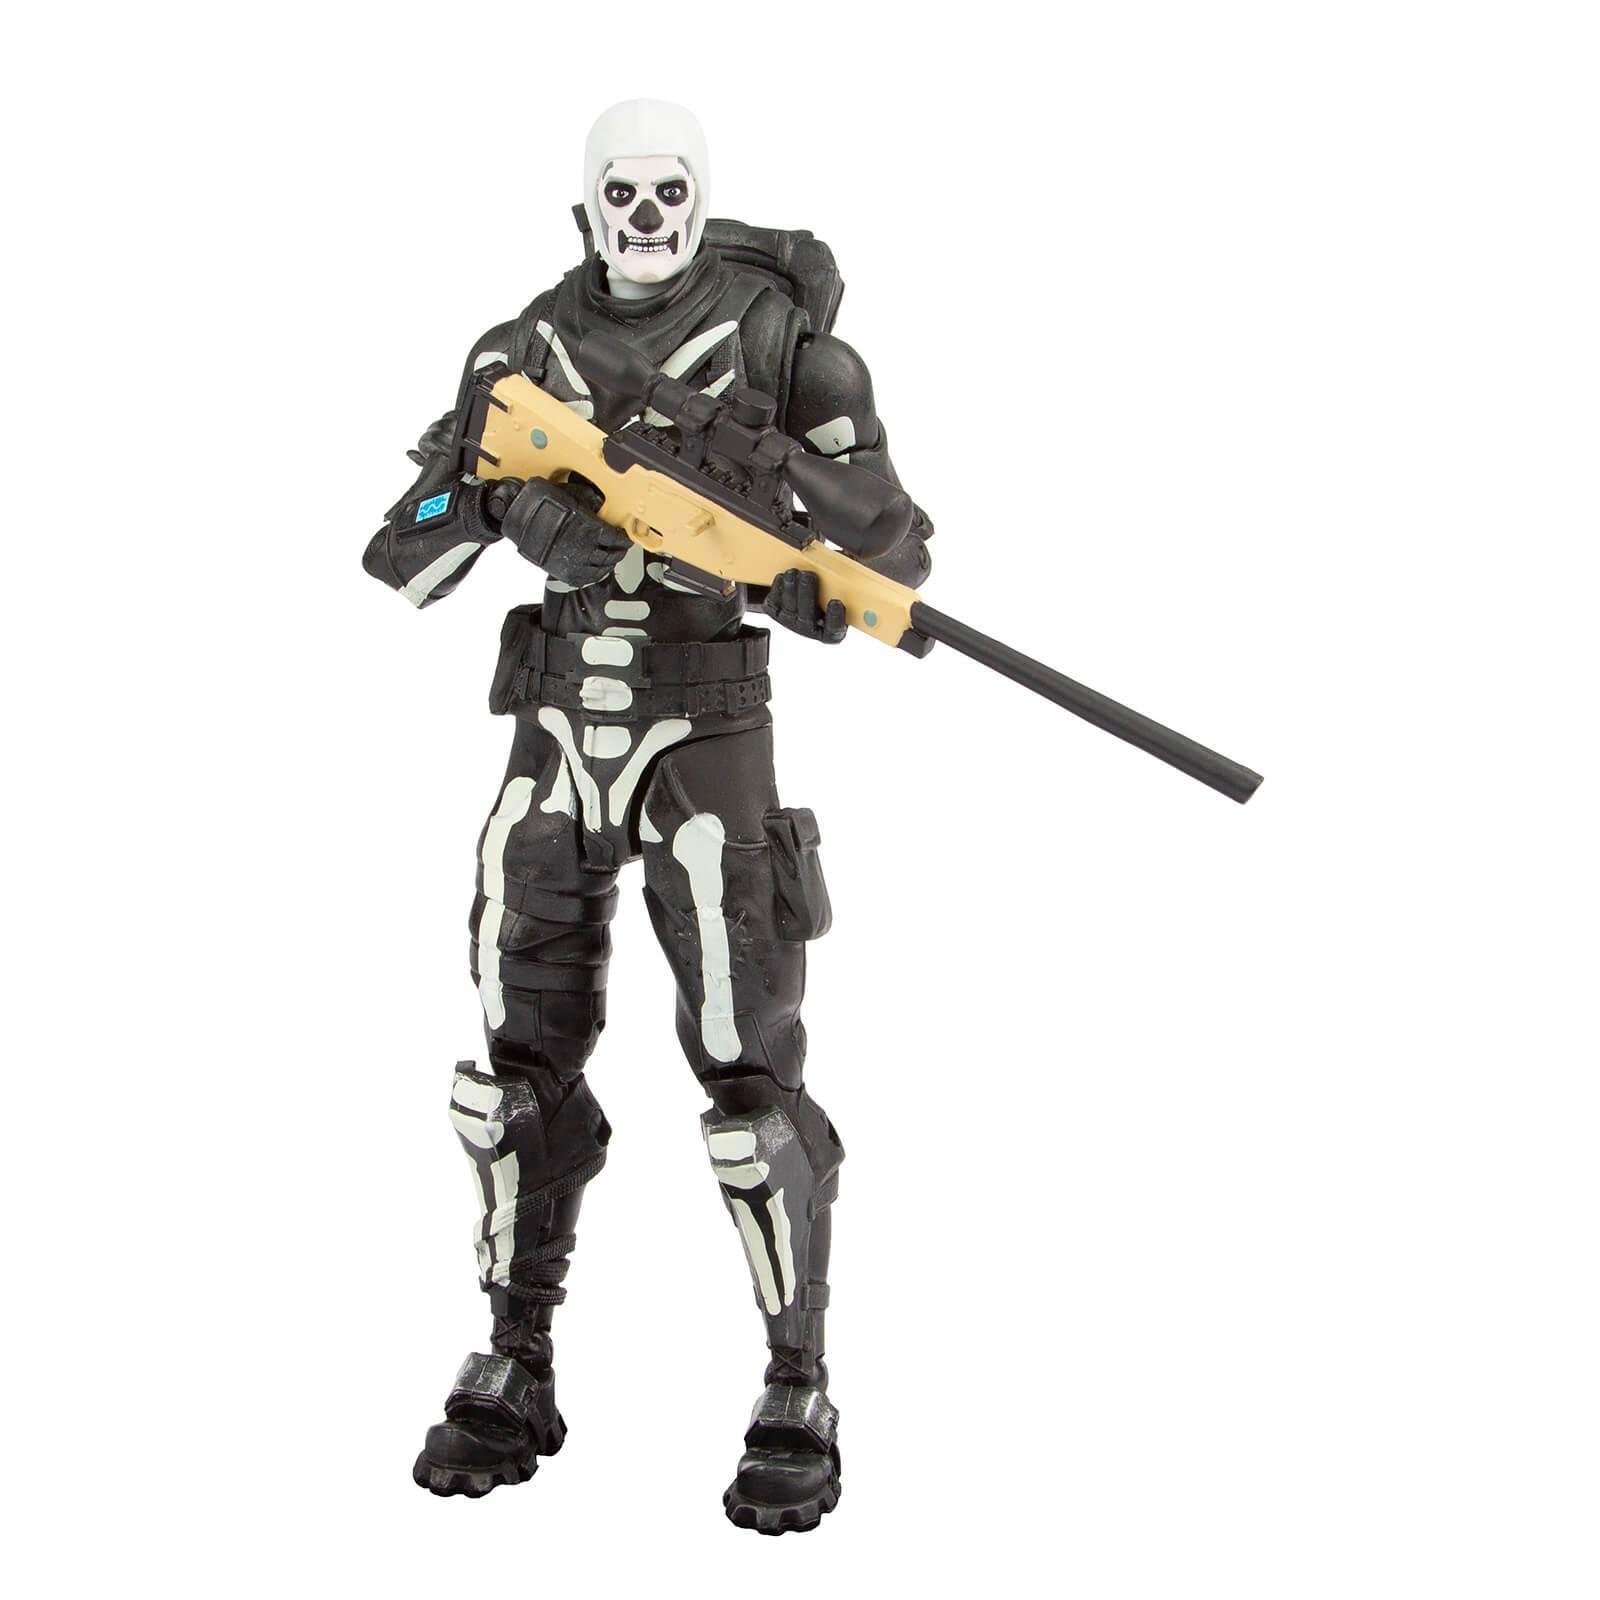 Fortnite Series 1 Skull Trooper Action Figure.